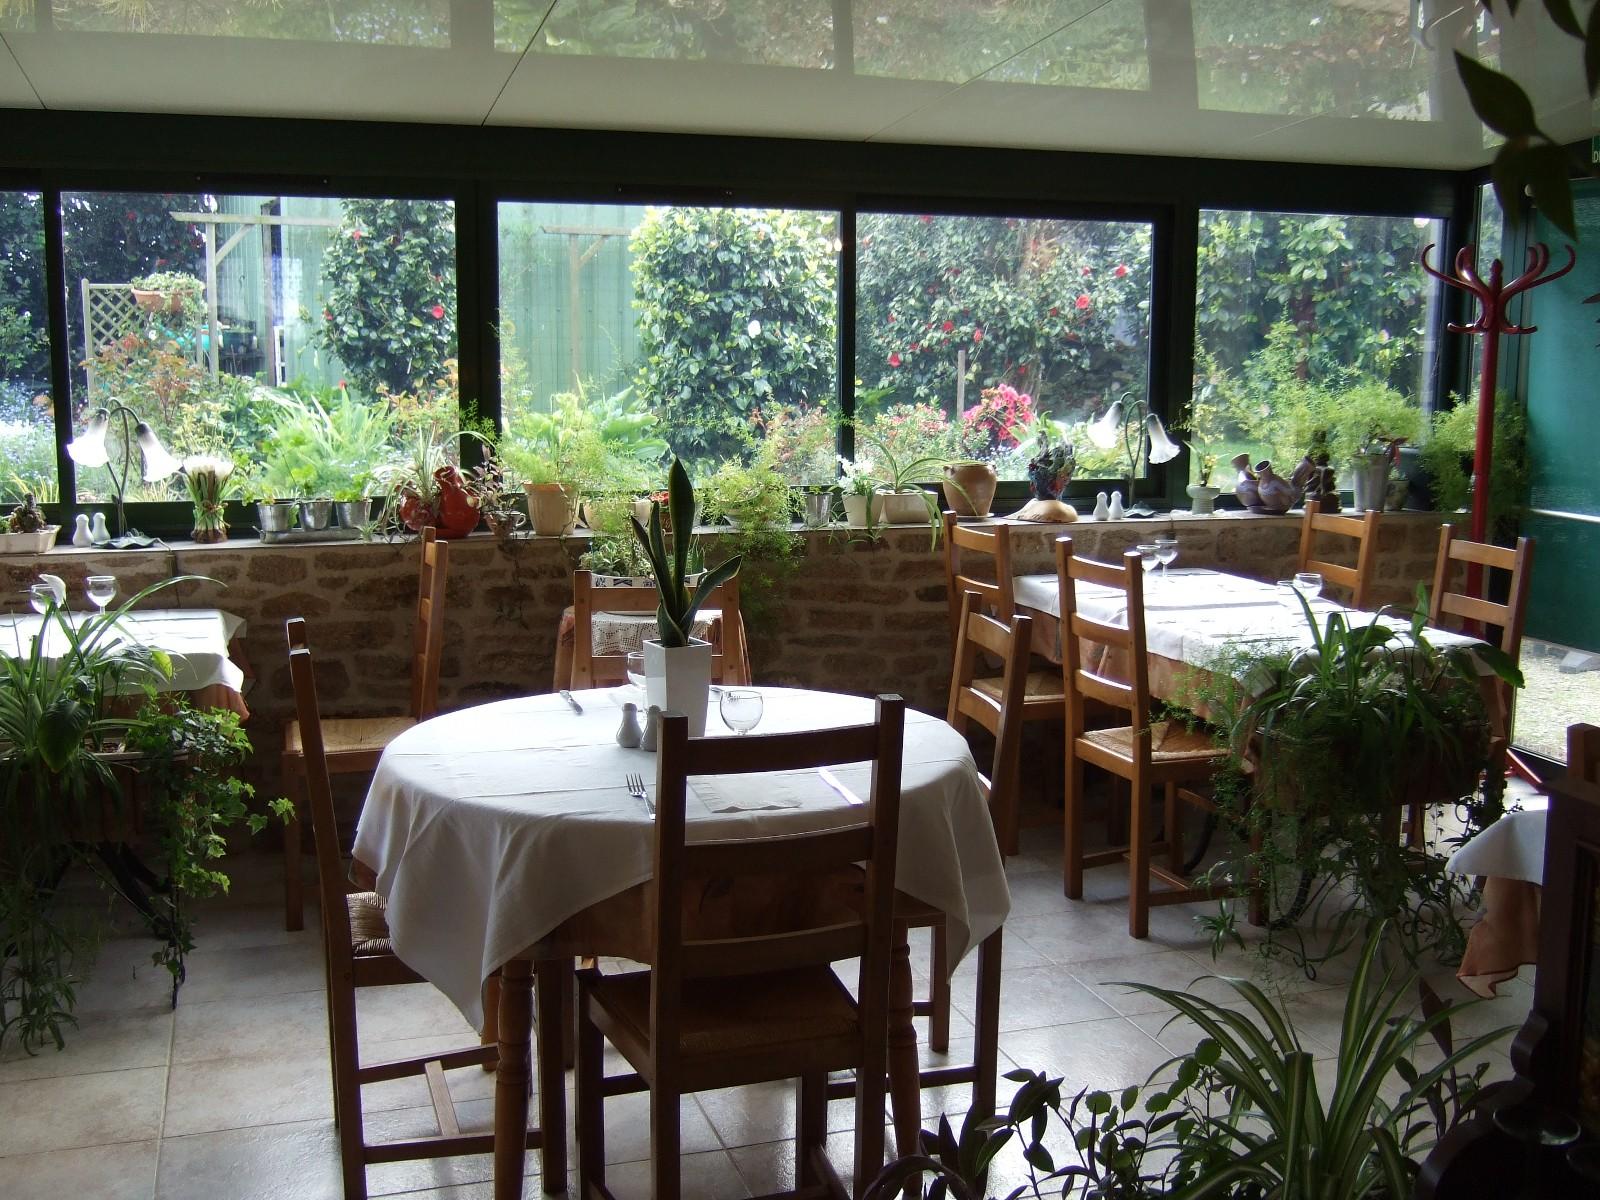 Le restaurant l 39 auberge de tante marie for Restaurant le jardin au moulleau